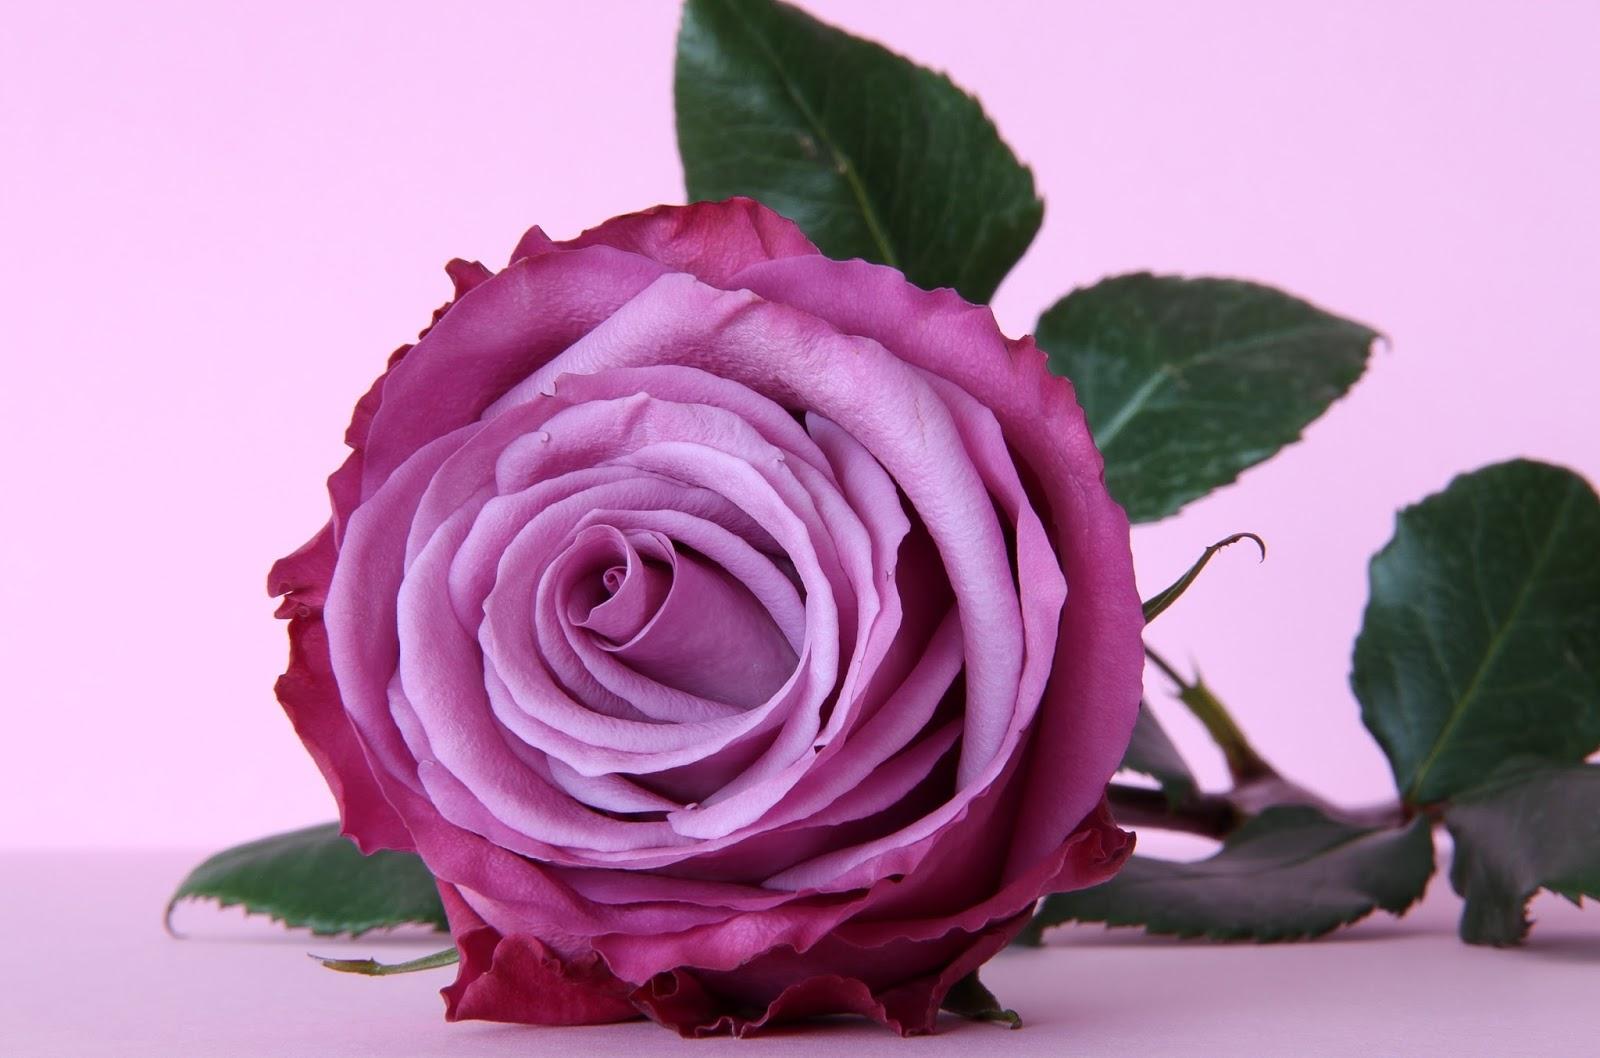 Beautiful Roses HD Desktop Wallpapers In 1080p